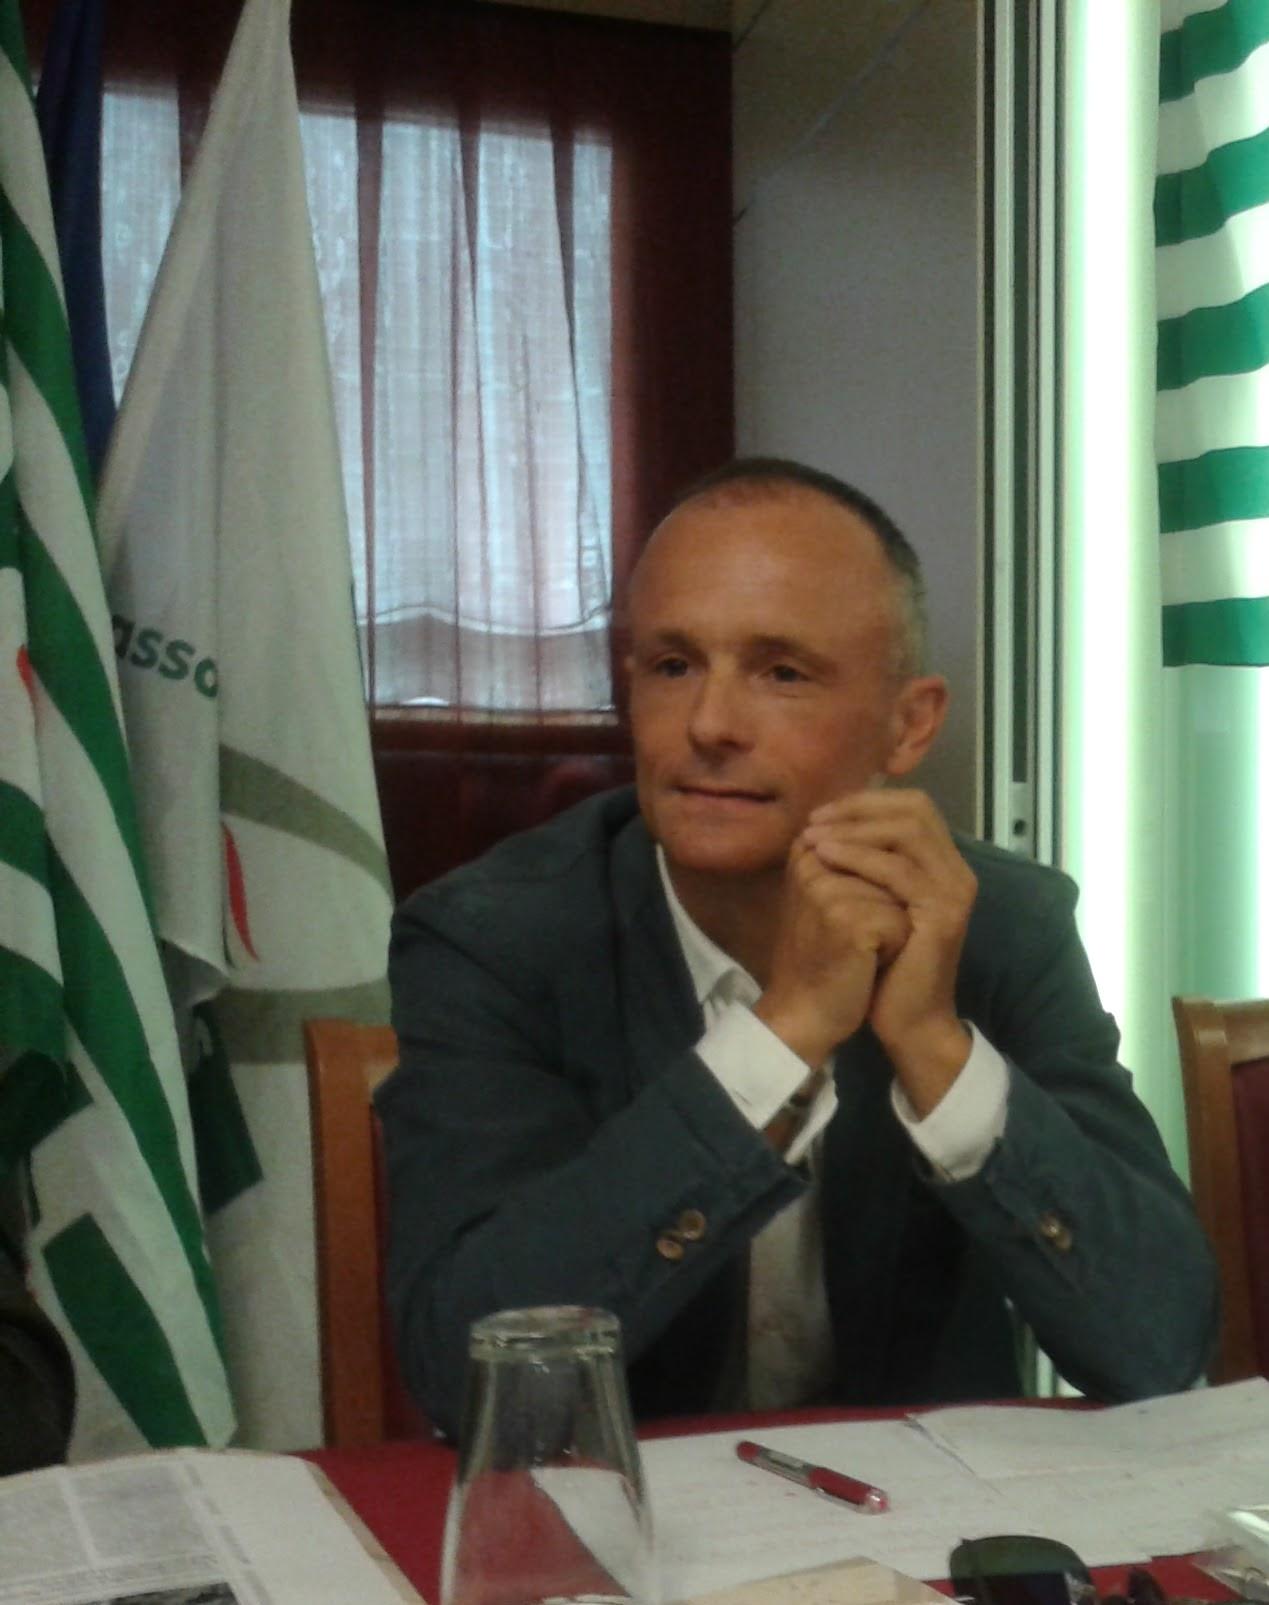 Luca Caretti